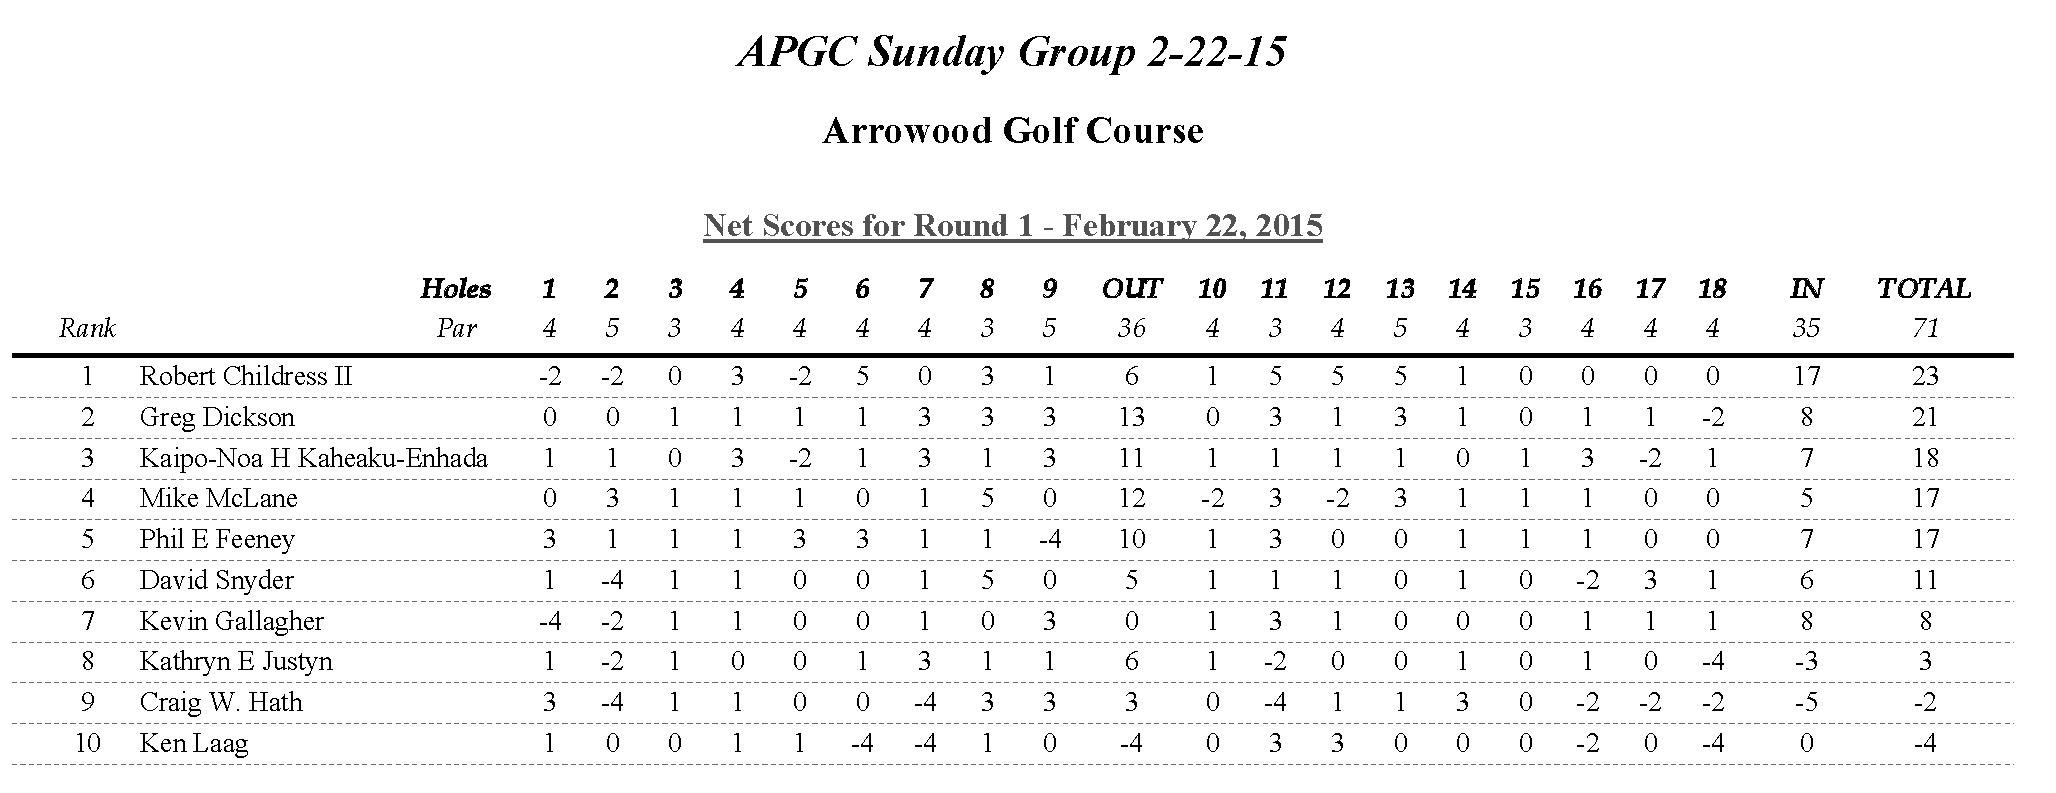 APGC 2-22-15